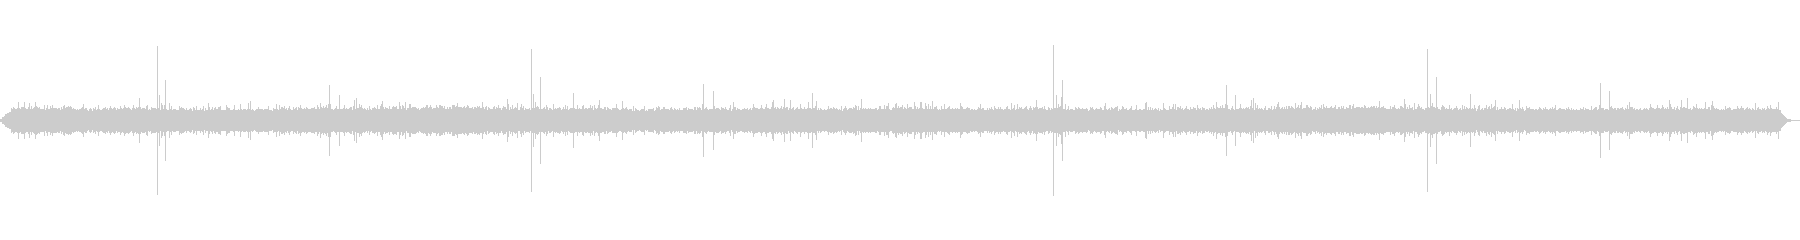 雨の音(少し強め)(ザー、ピチャピチャ)の未再生の波形